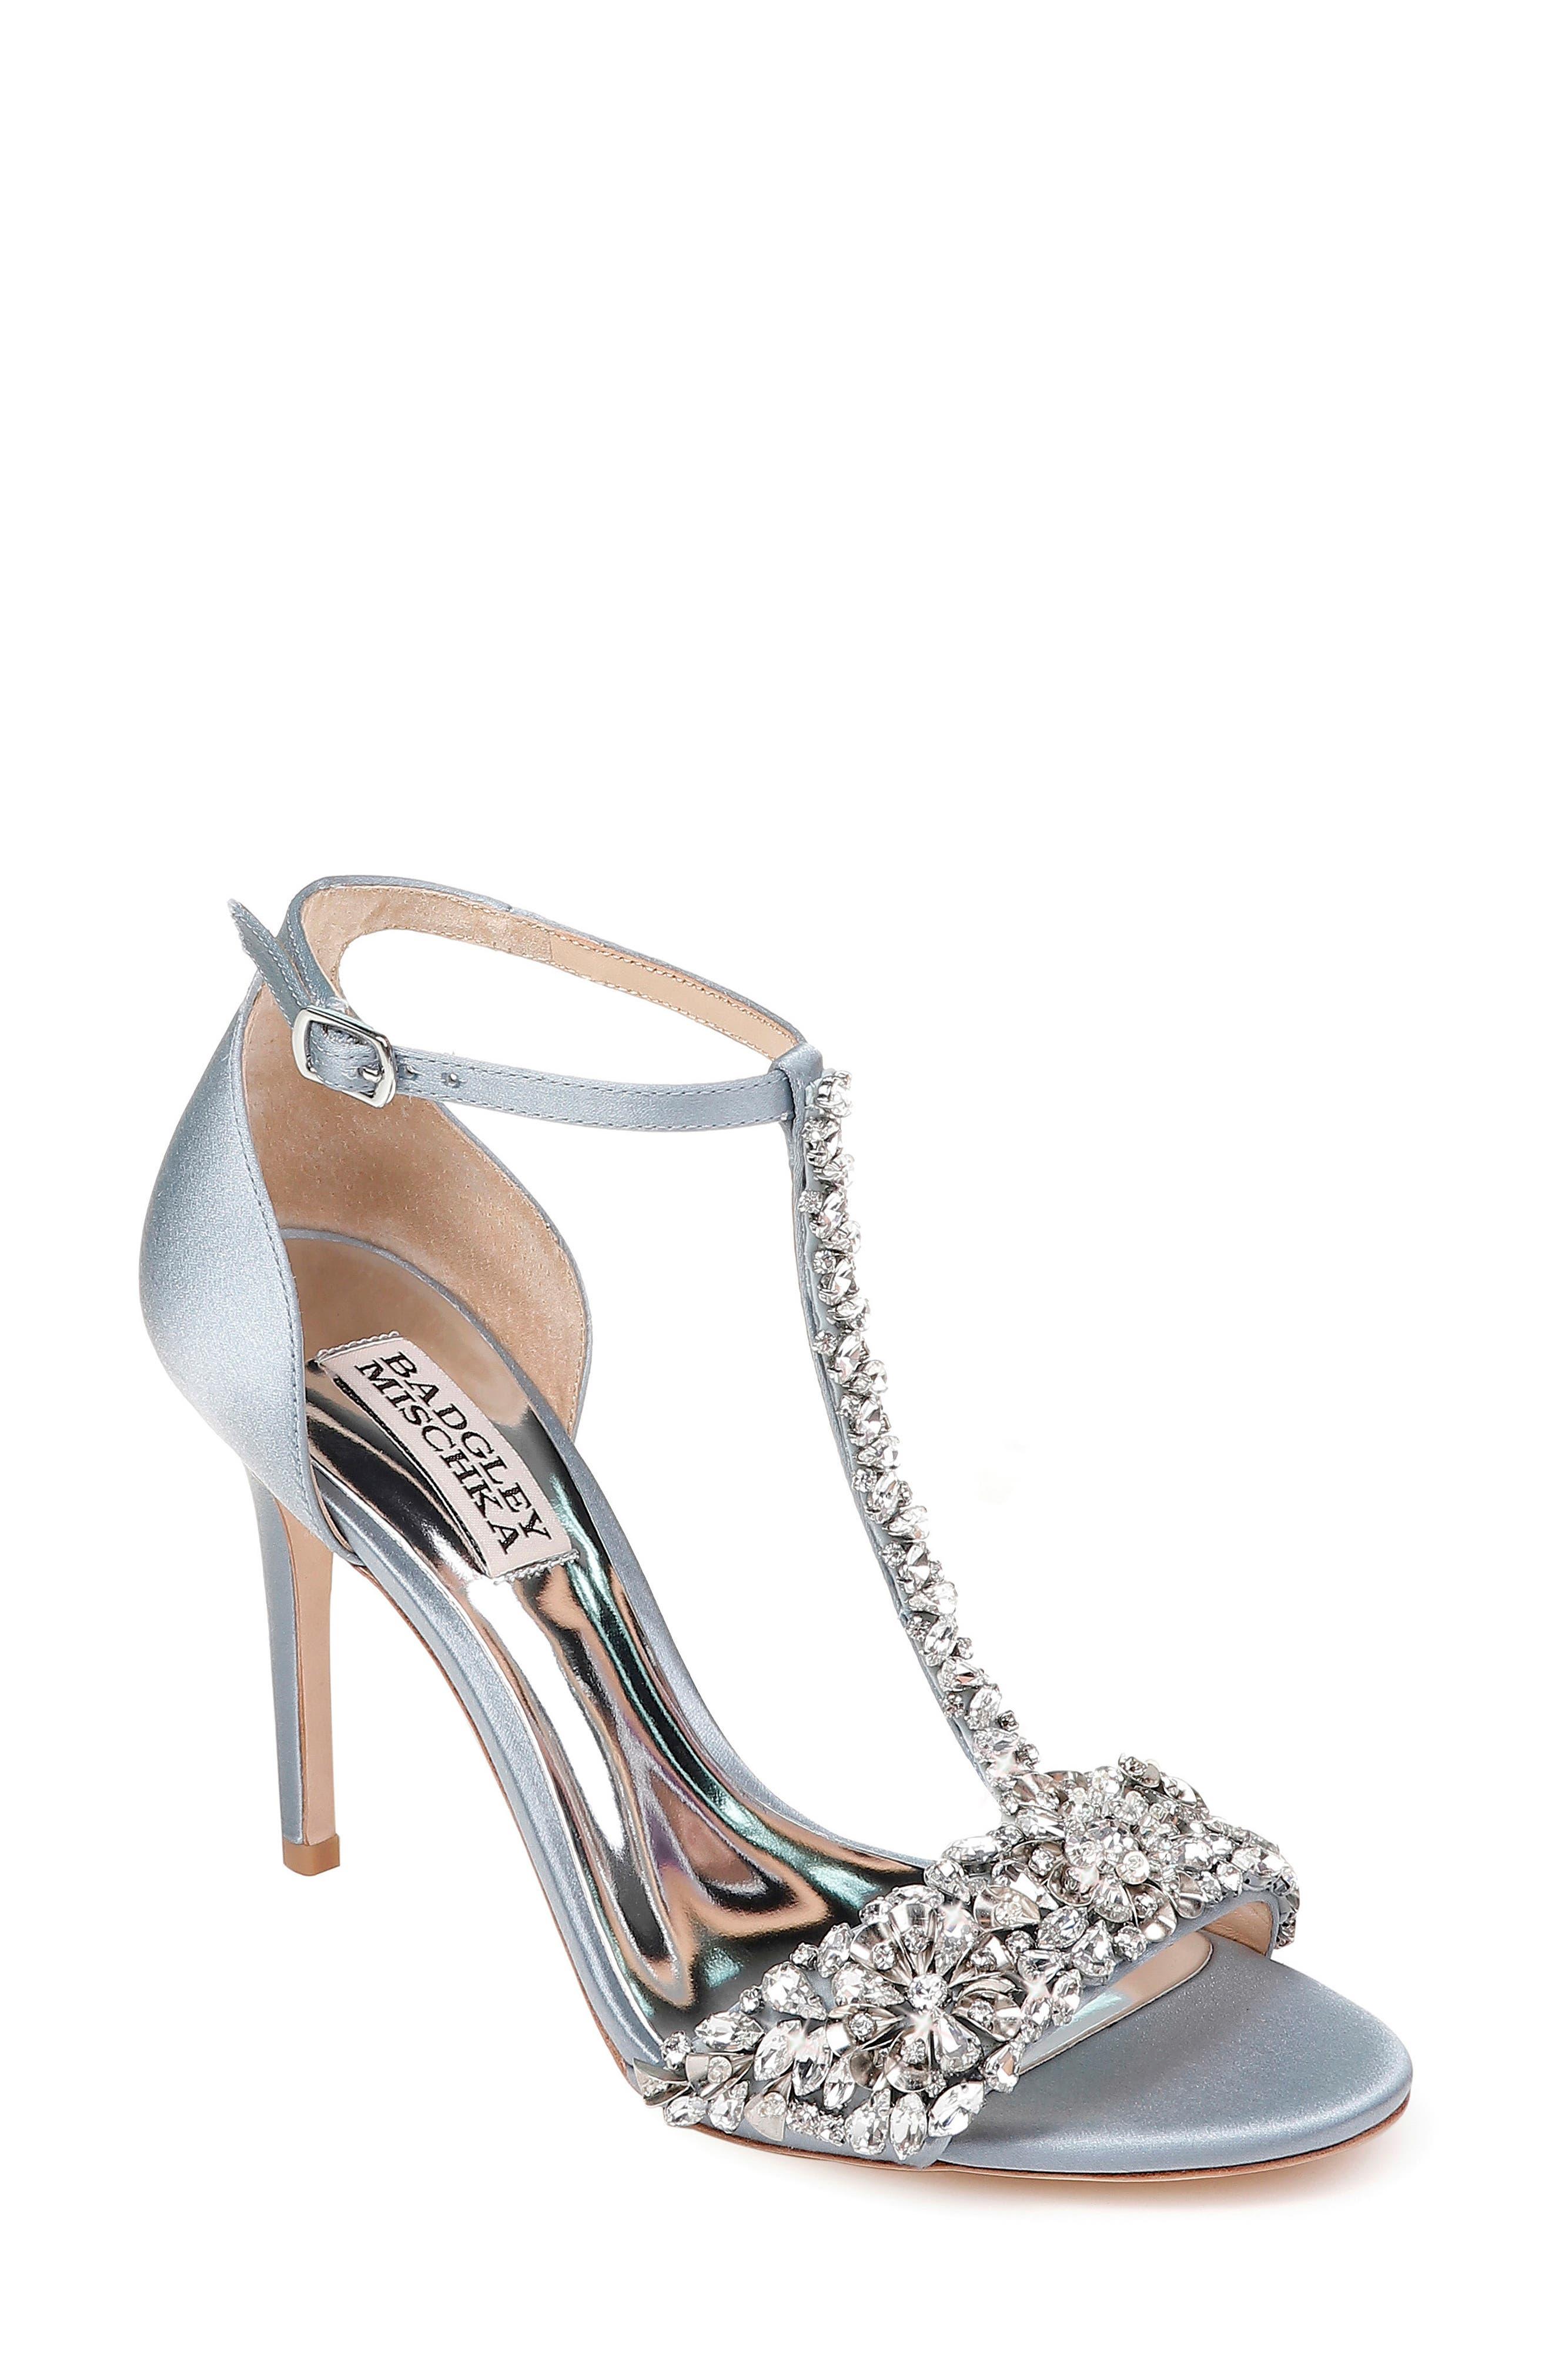 Badgley Mischka Crystal Embellished Sandal- Blue